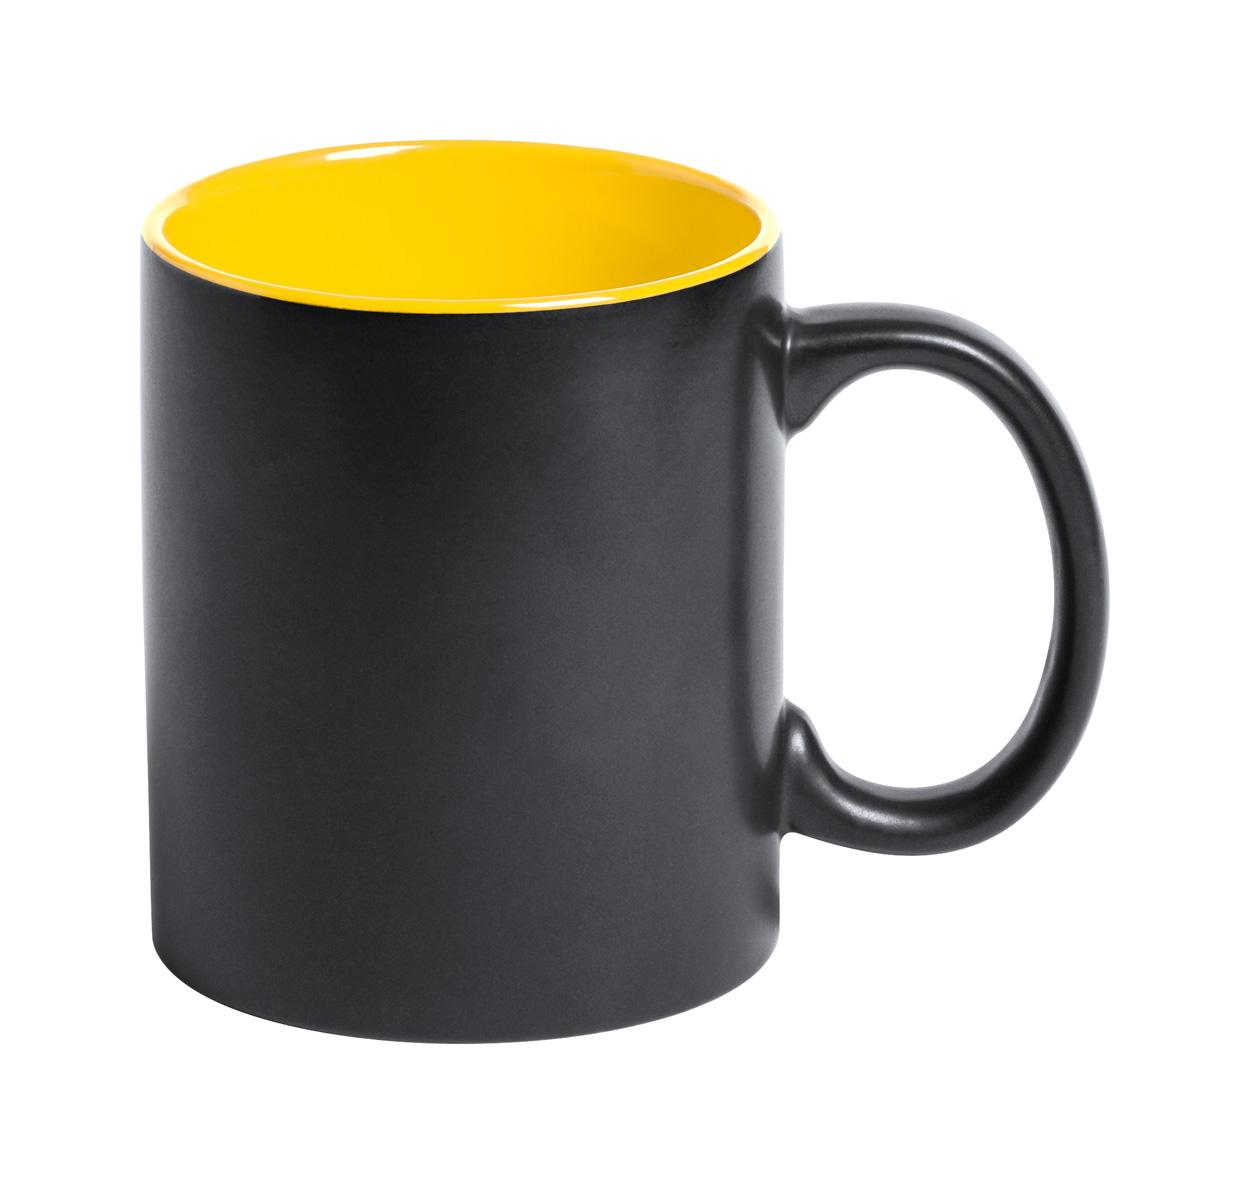 Bafy Tazza mug